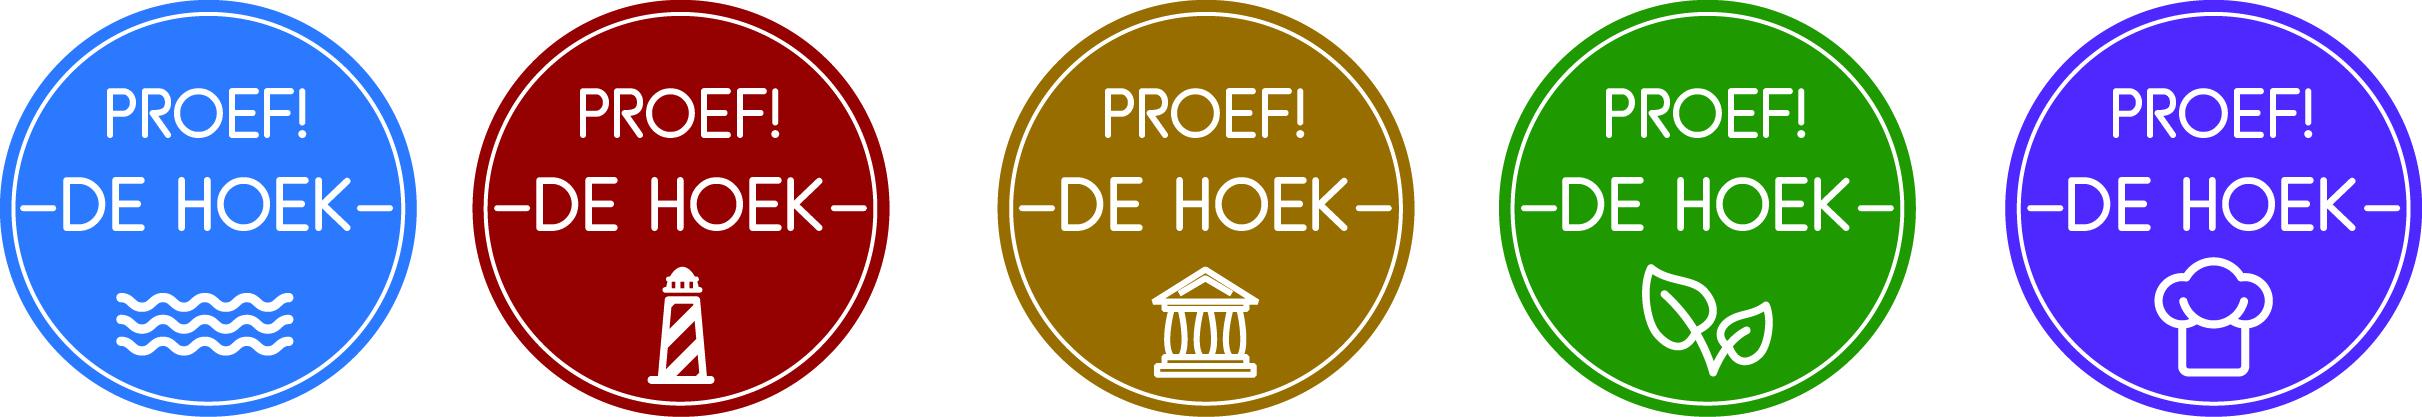 Proef De Hoek